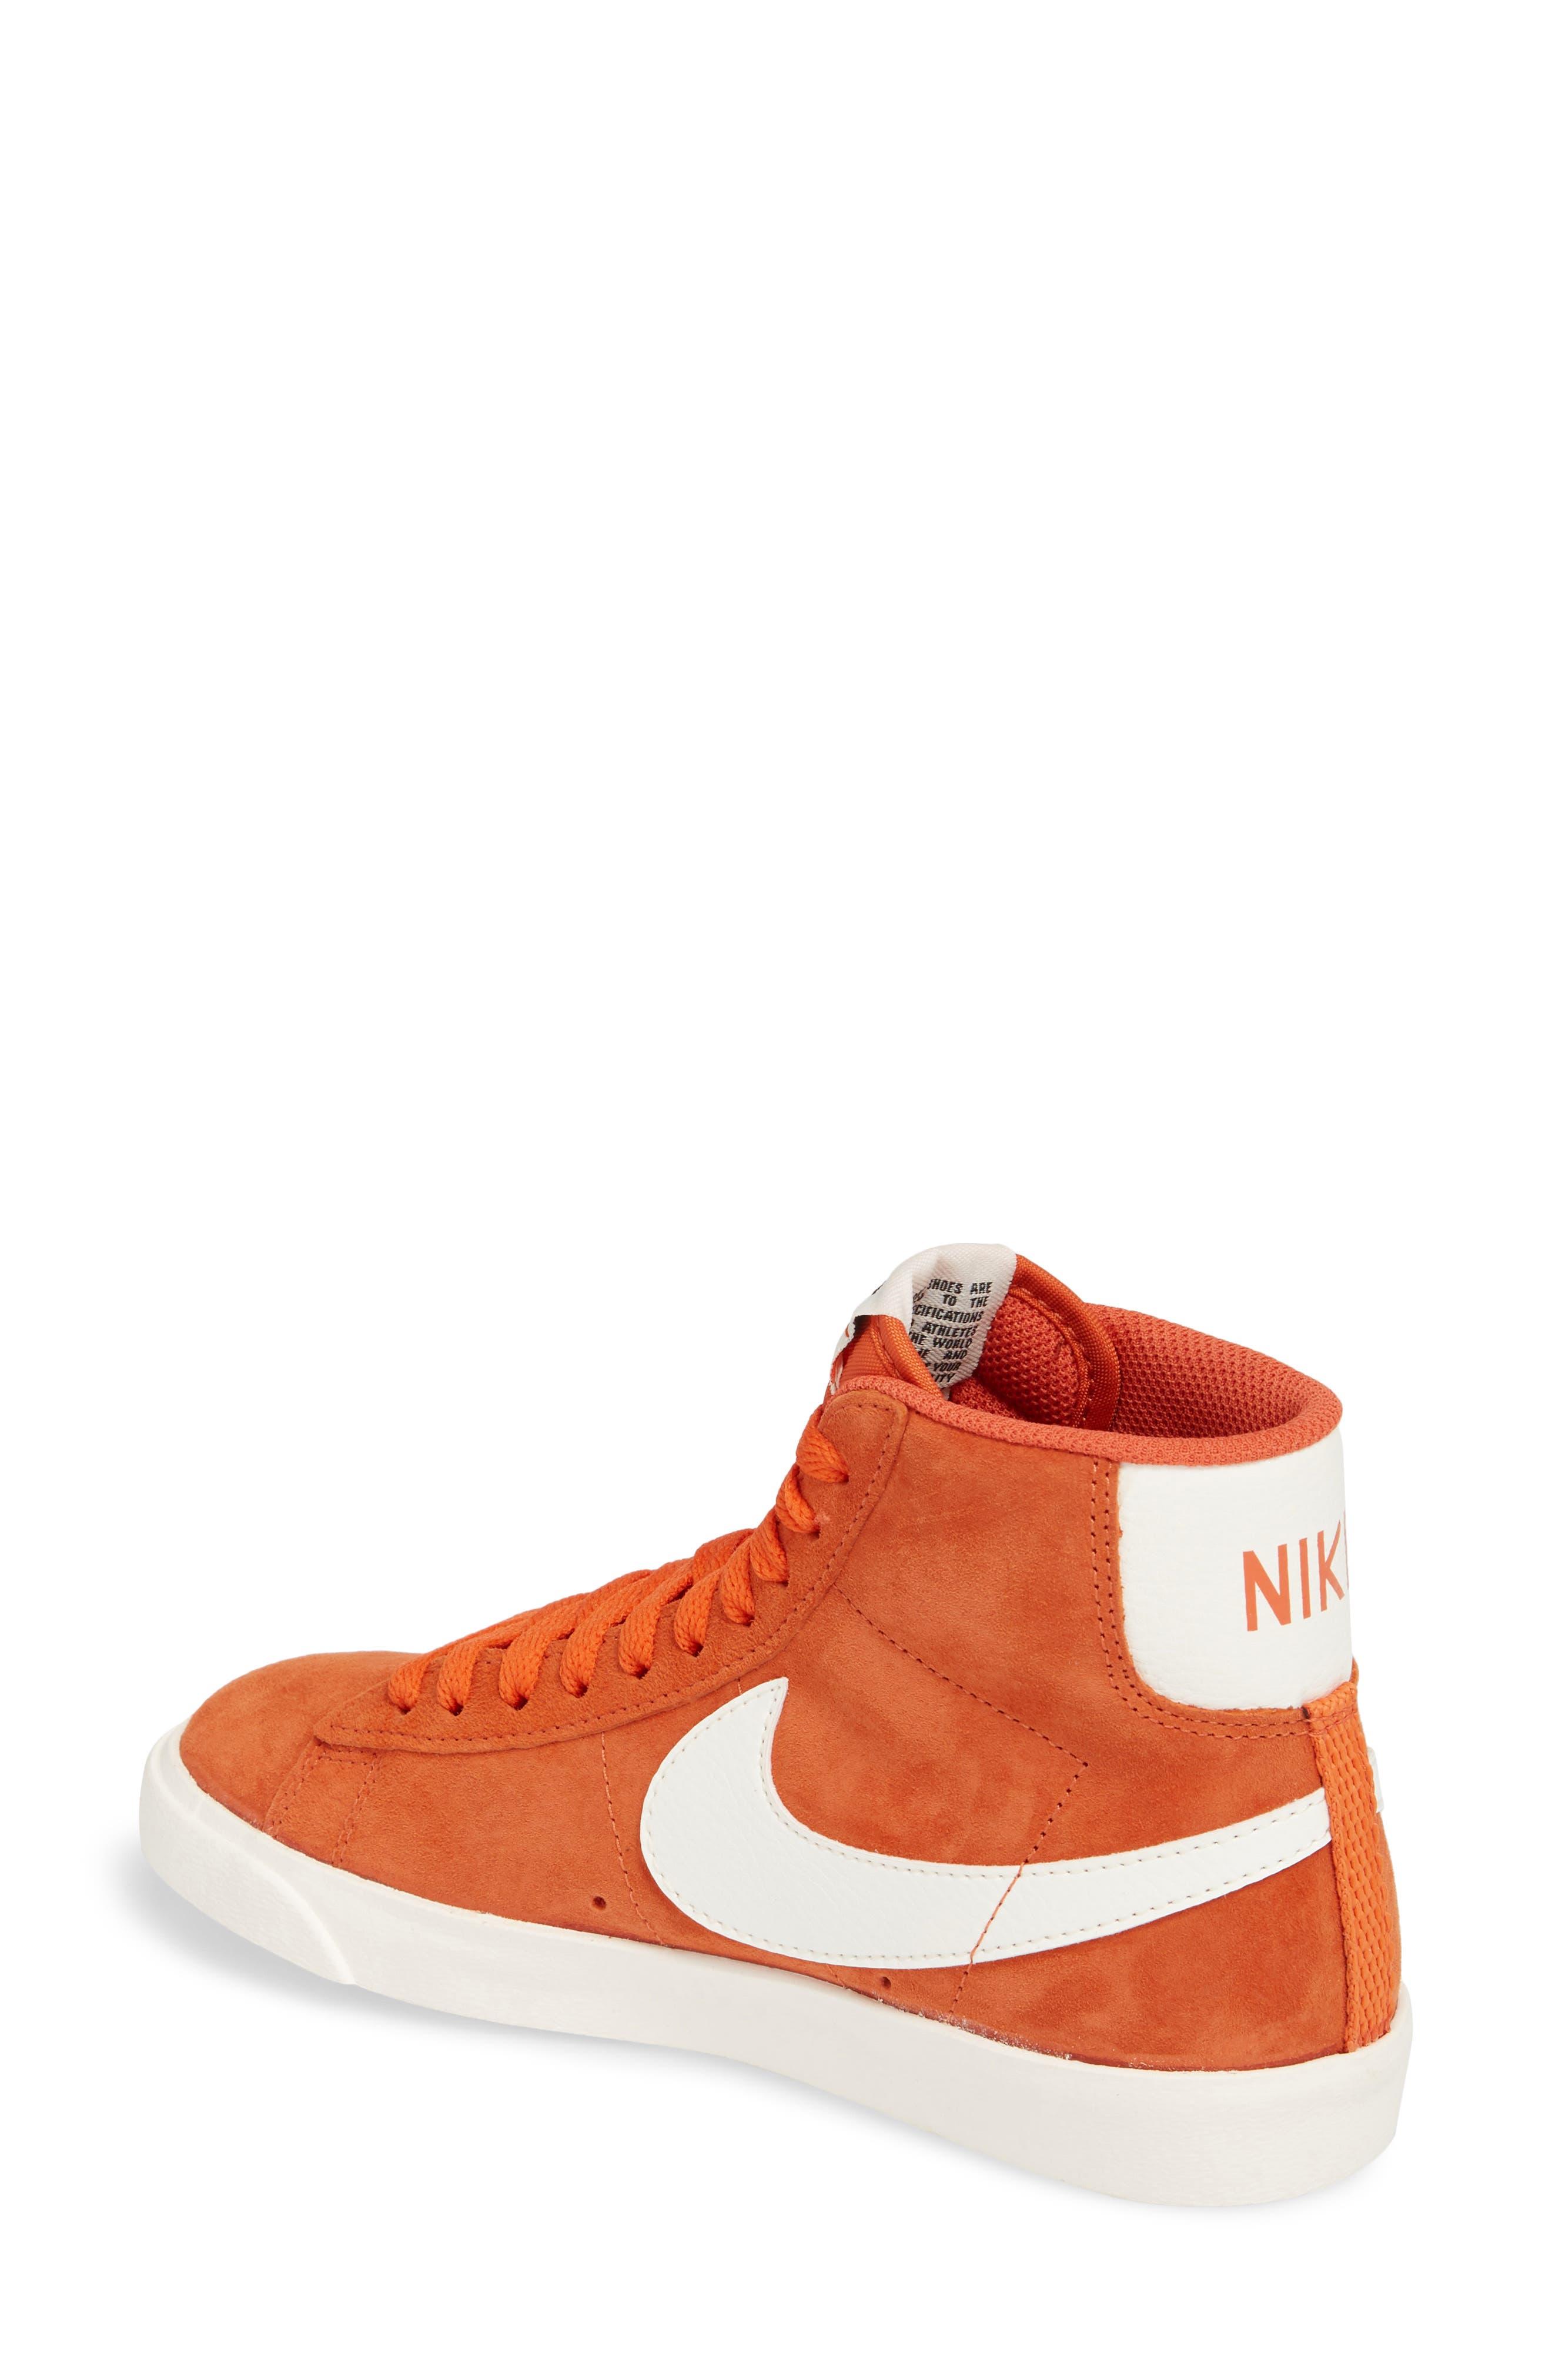 Alternate Image 2  - Nike Blazer Mid Vintage Sneakers (Women)